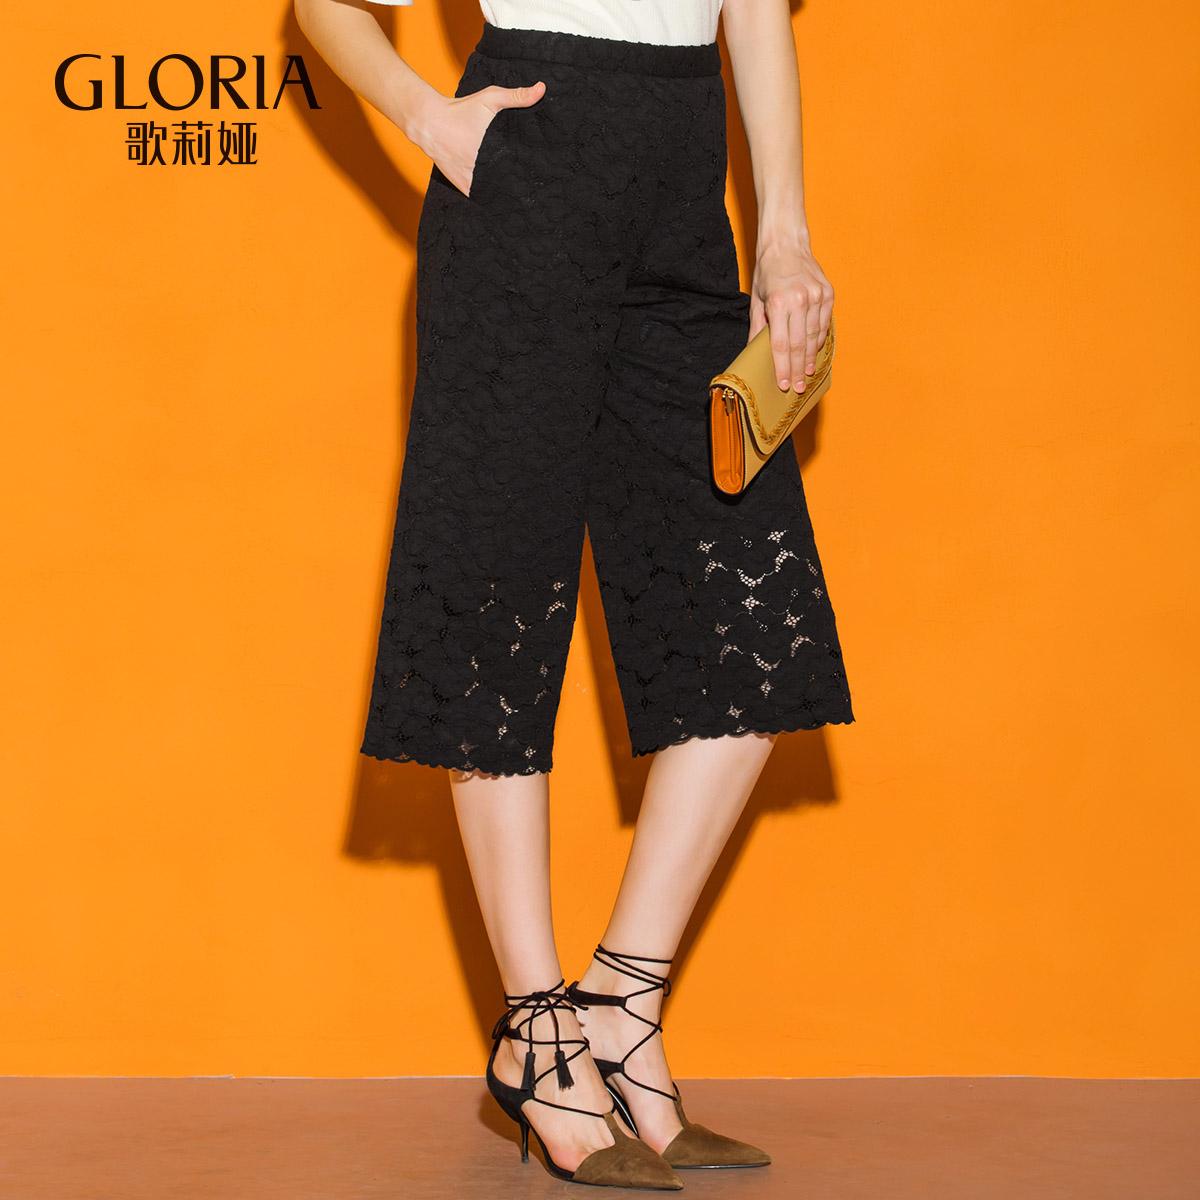 歌莉娅女装 GLORIA歌莉娅2017年夏宽松低腰蕾丝七分裤 174H1I120_推荐淘宝好看的歌莉娅